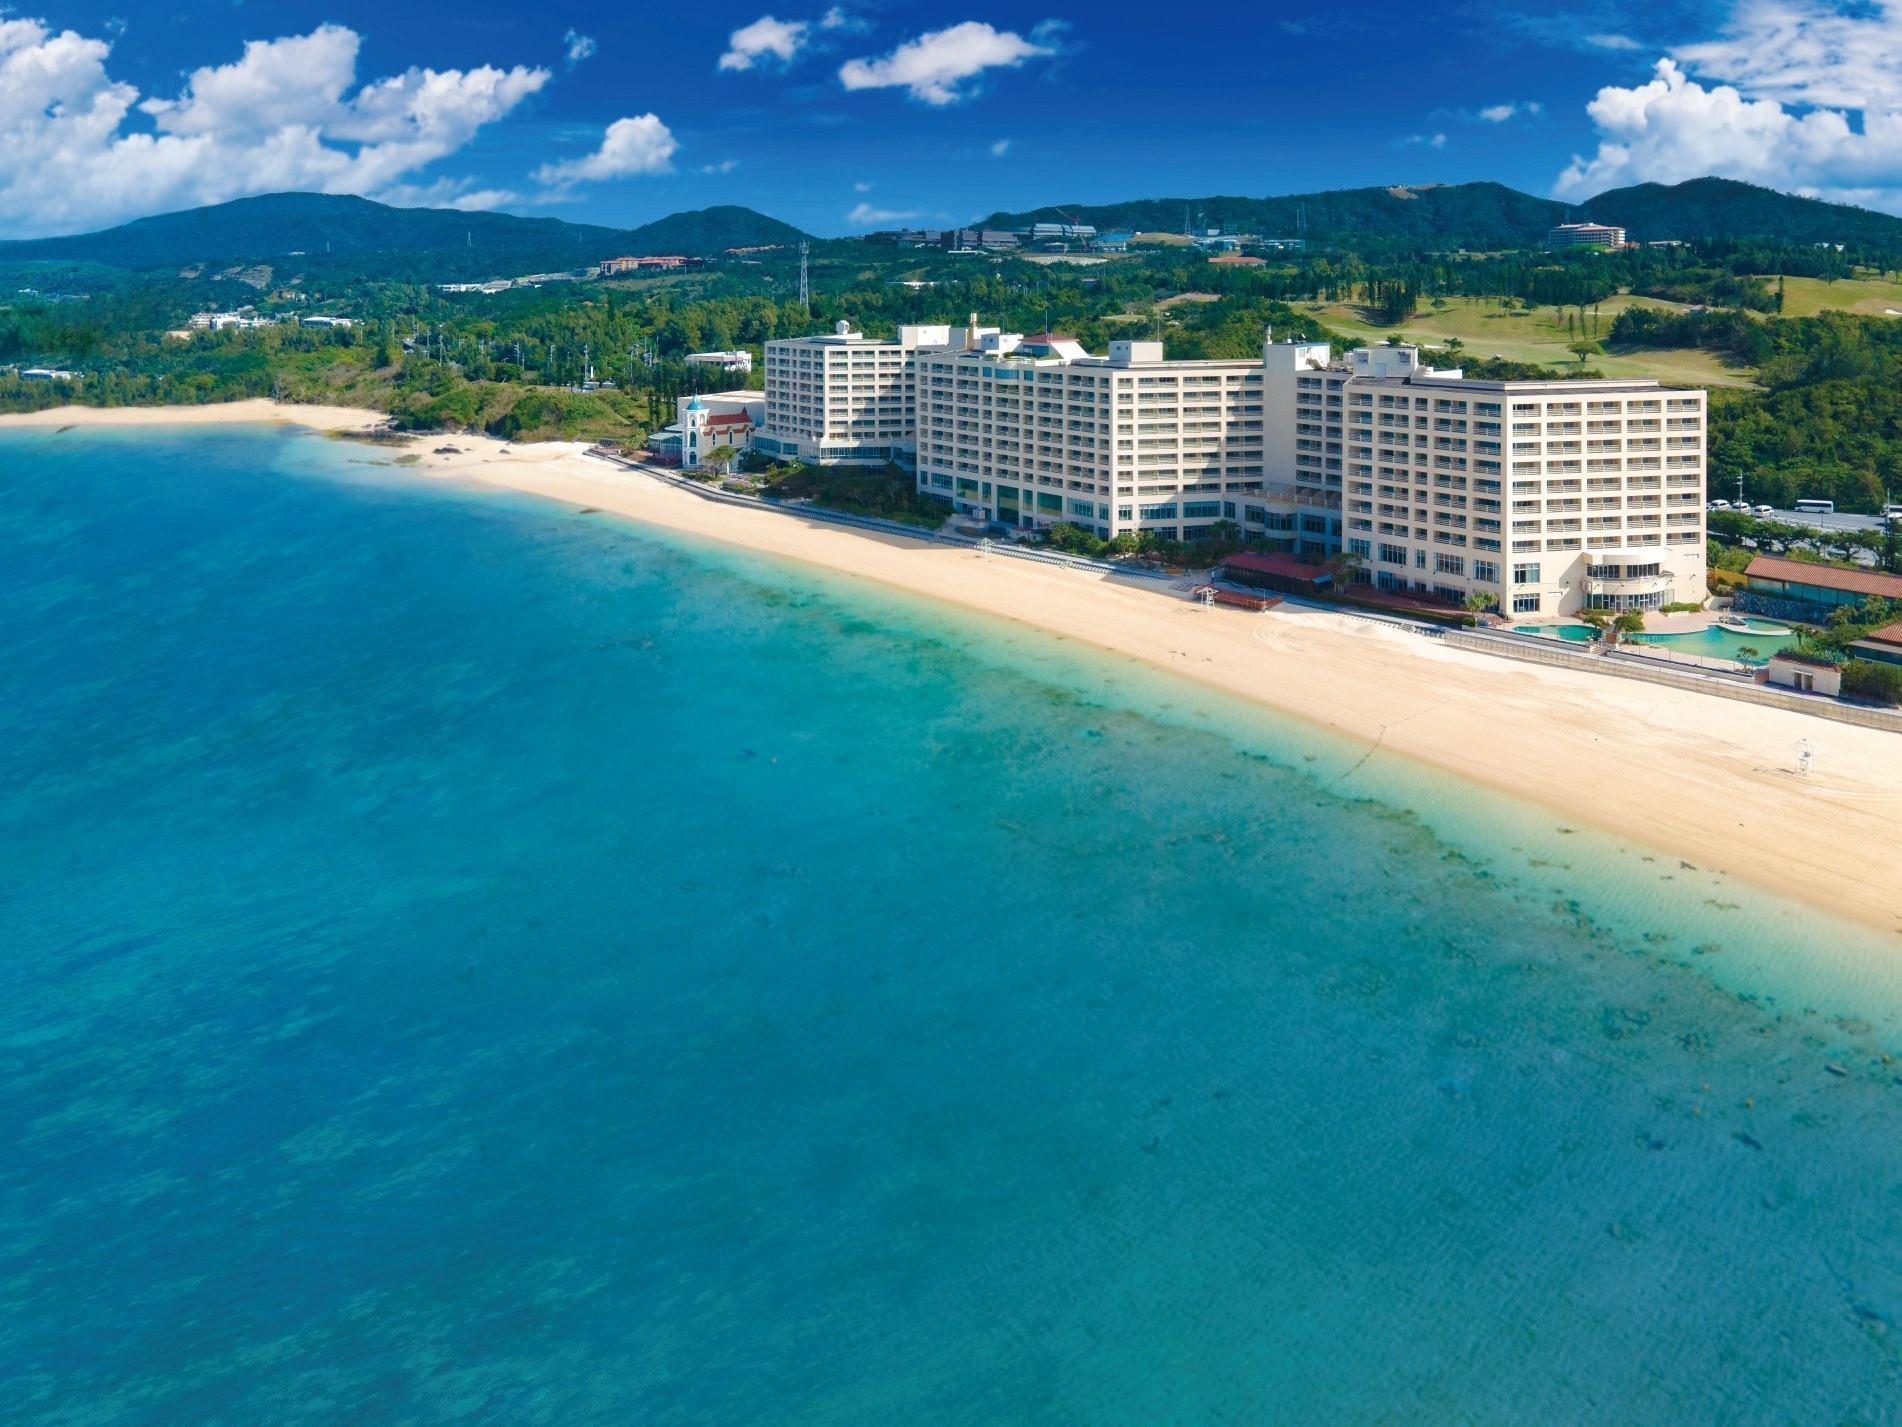 リザンシーパークホテル谷茶ベイでの過ごし方&遊び方|沖縄ラボPassでもっと沖縄旅行を楽しもう